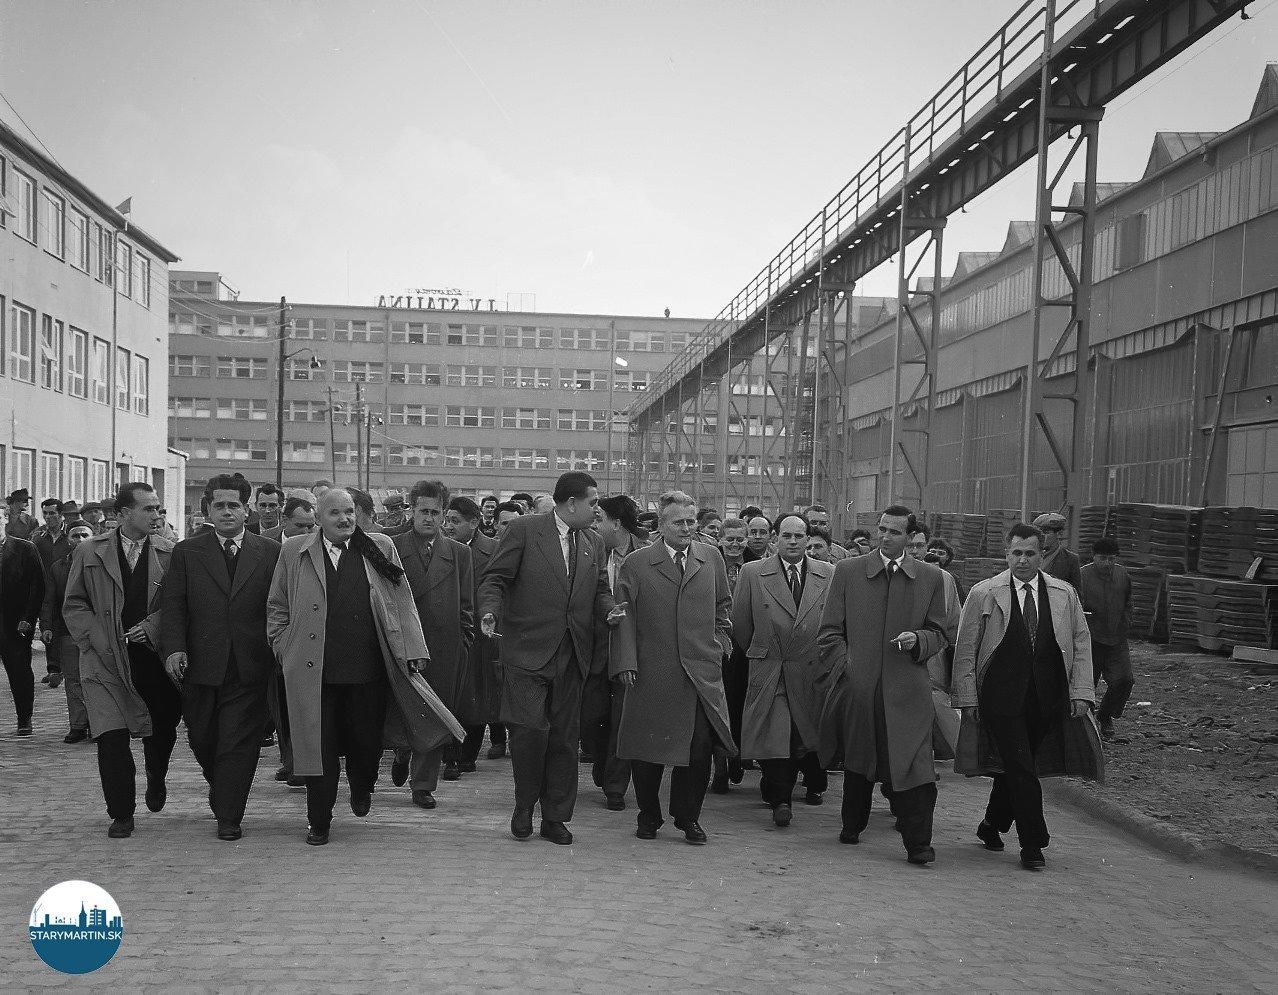 31.10.1958 - Prvý tajomník Ústredného výboru Komunistickej strany Československa a prezident republiky Antonín Novotný navštívil počas svojho pobytu v Žilinskom kraji Závody J.V. Stalina v Martine